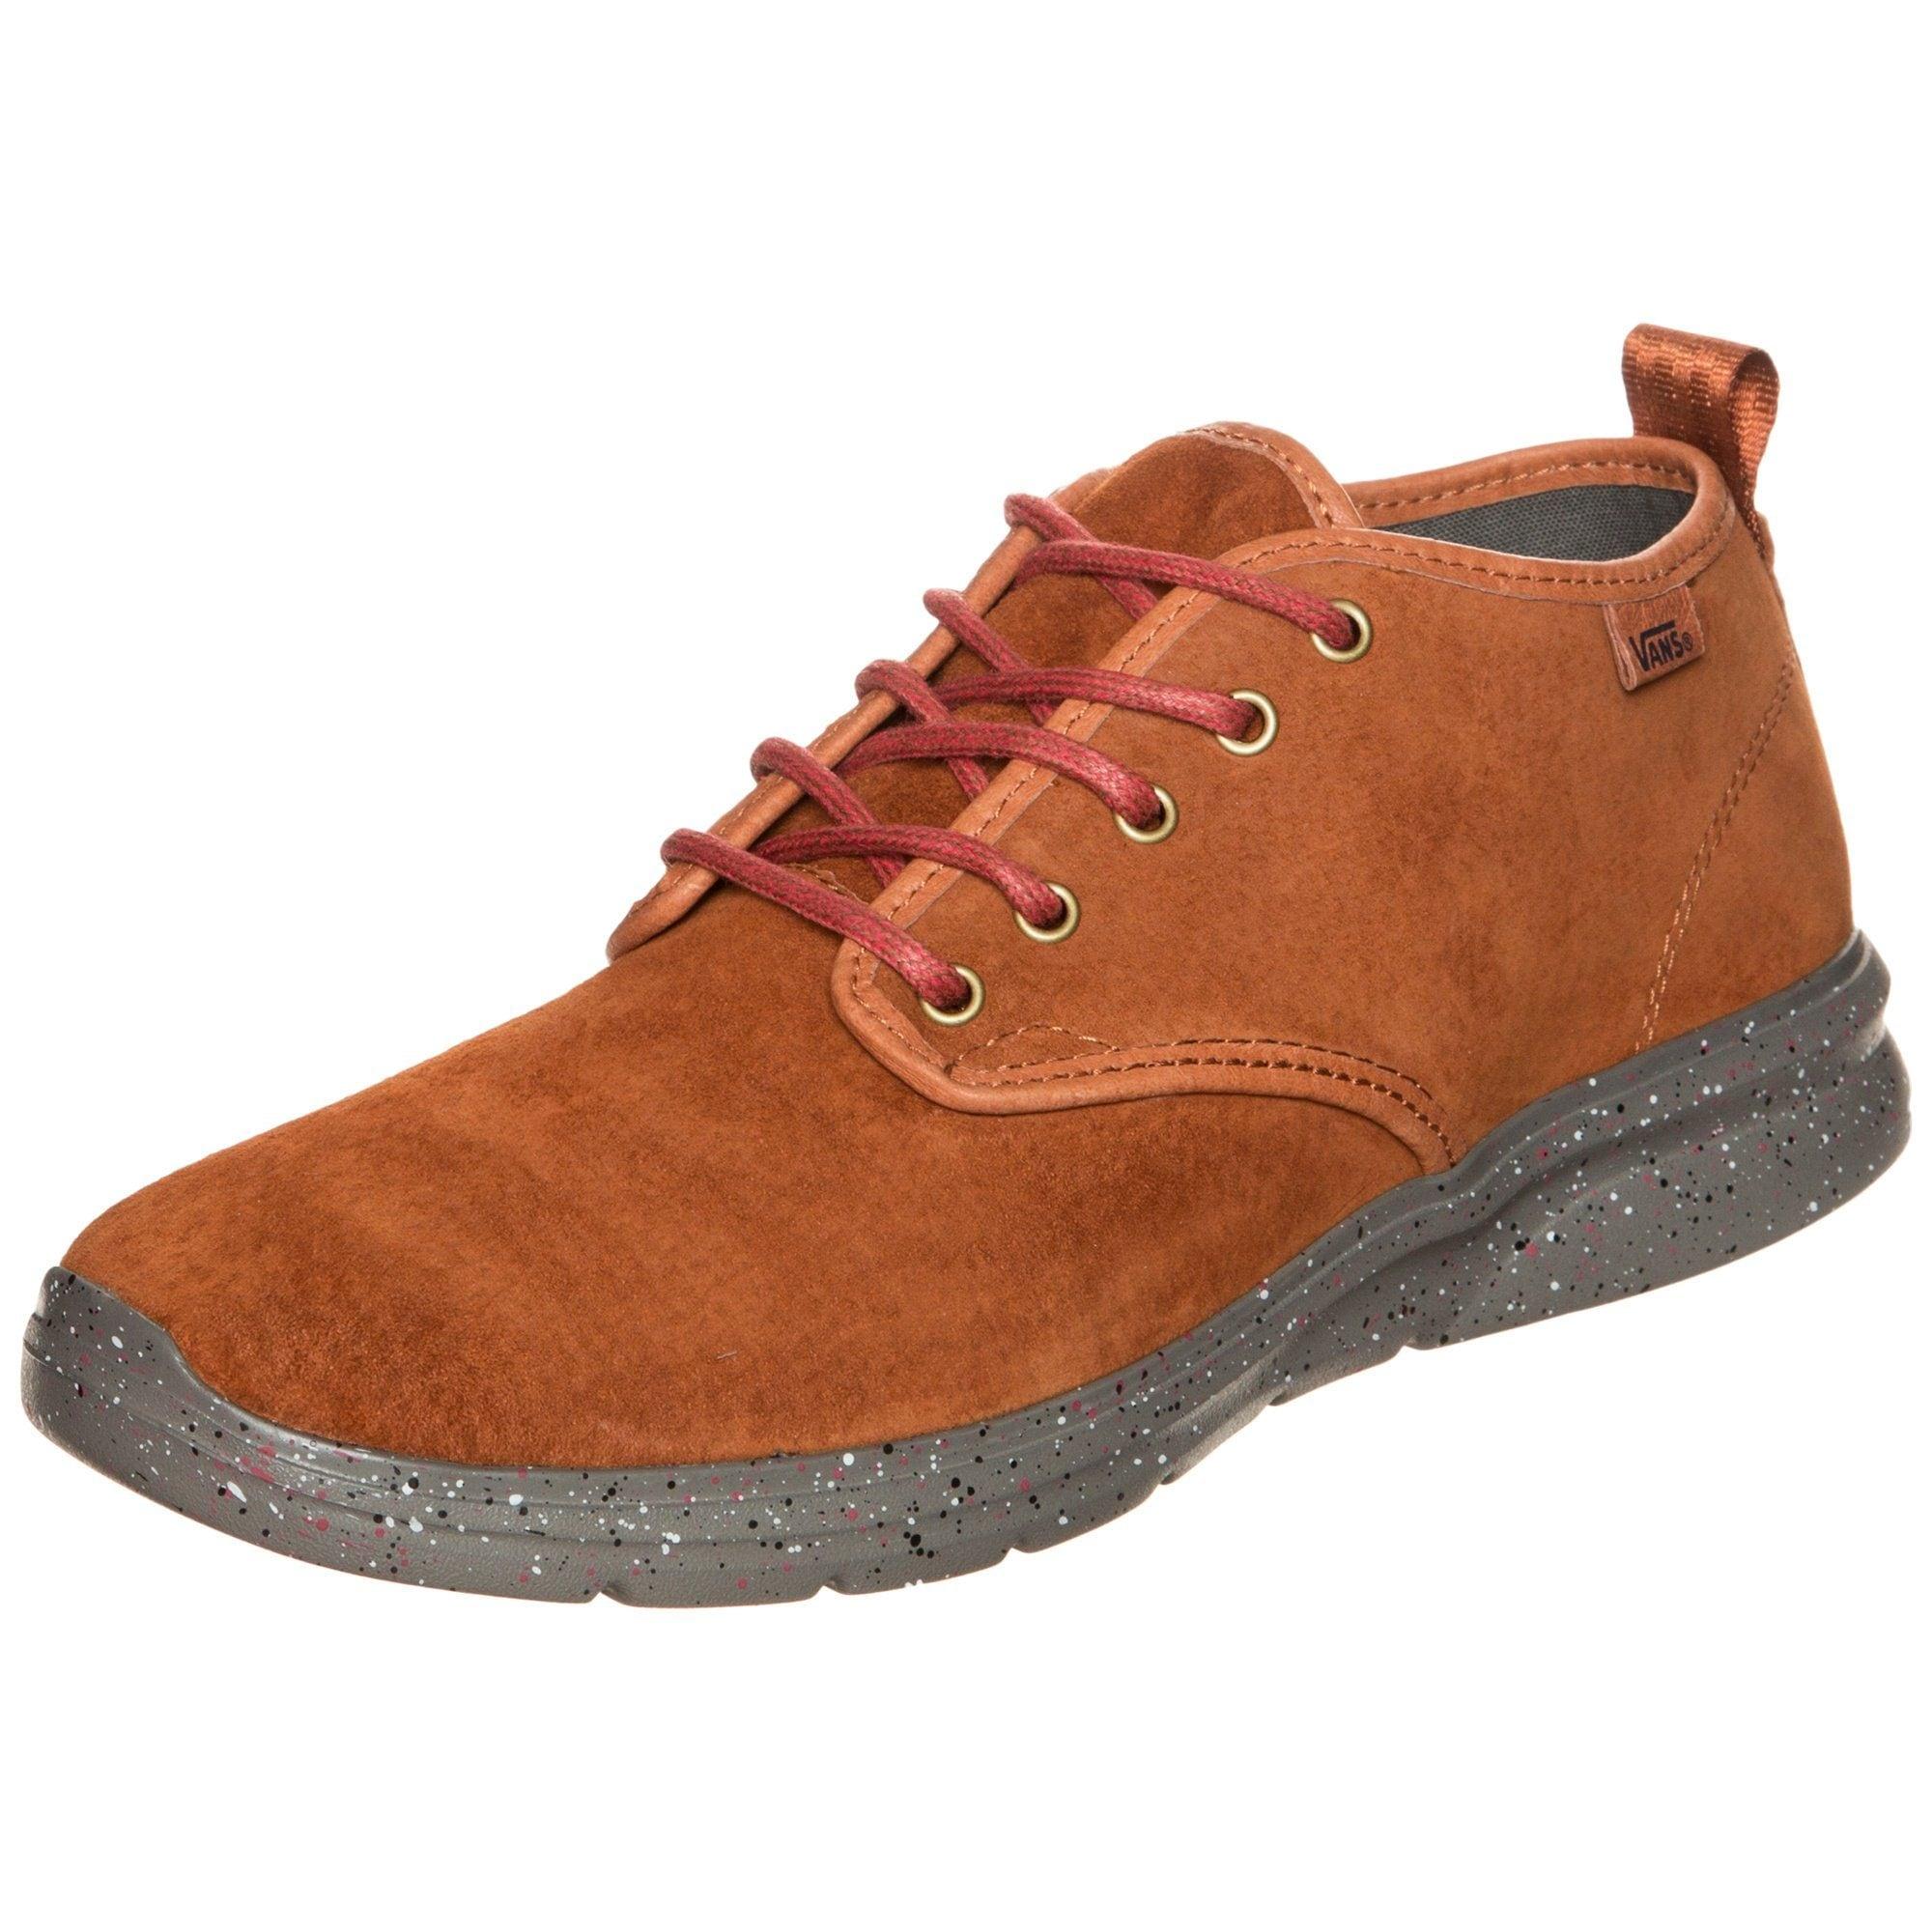 Vans ISO 2 Herren Schuhe Online Shop, Vans Schuhe Herren